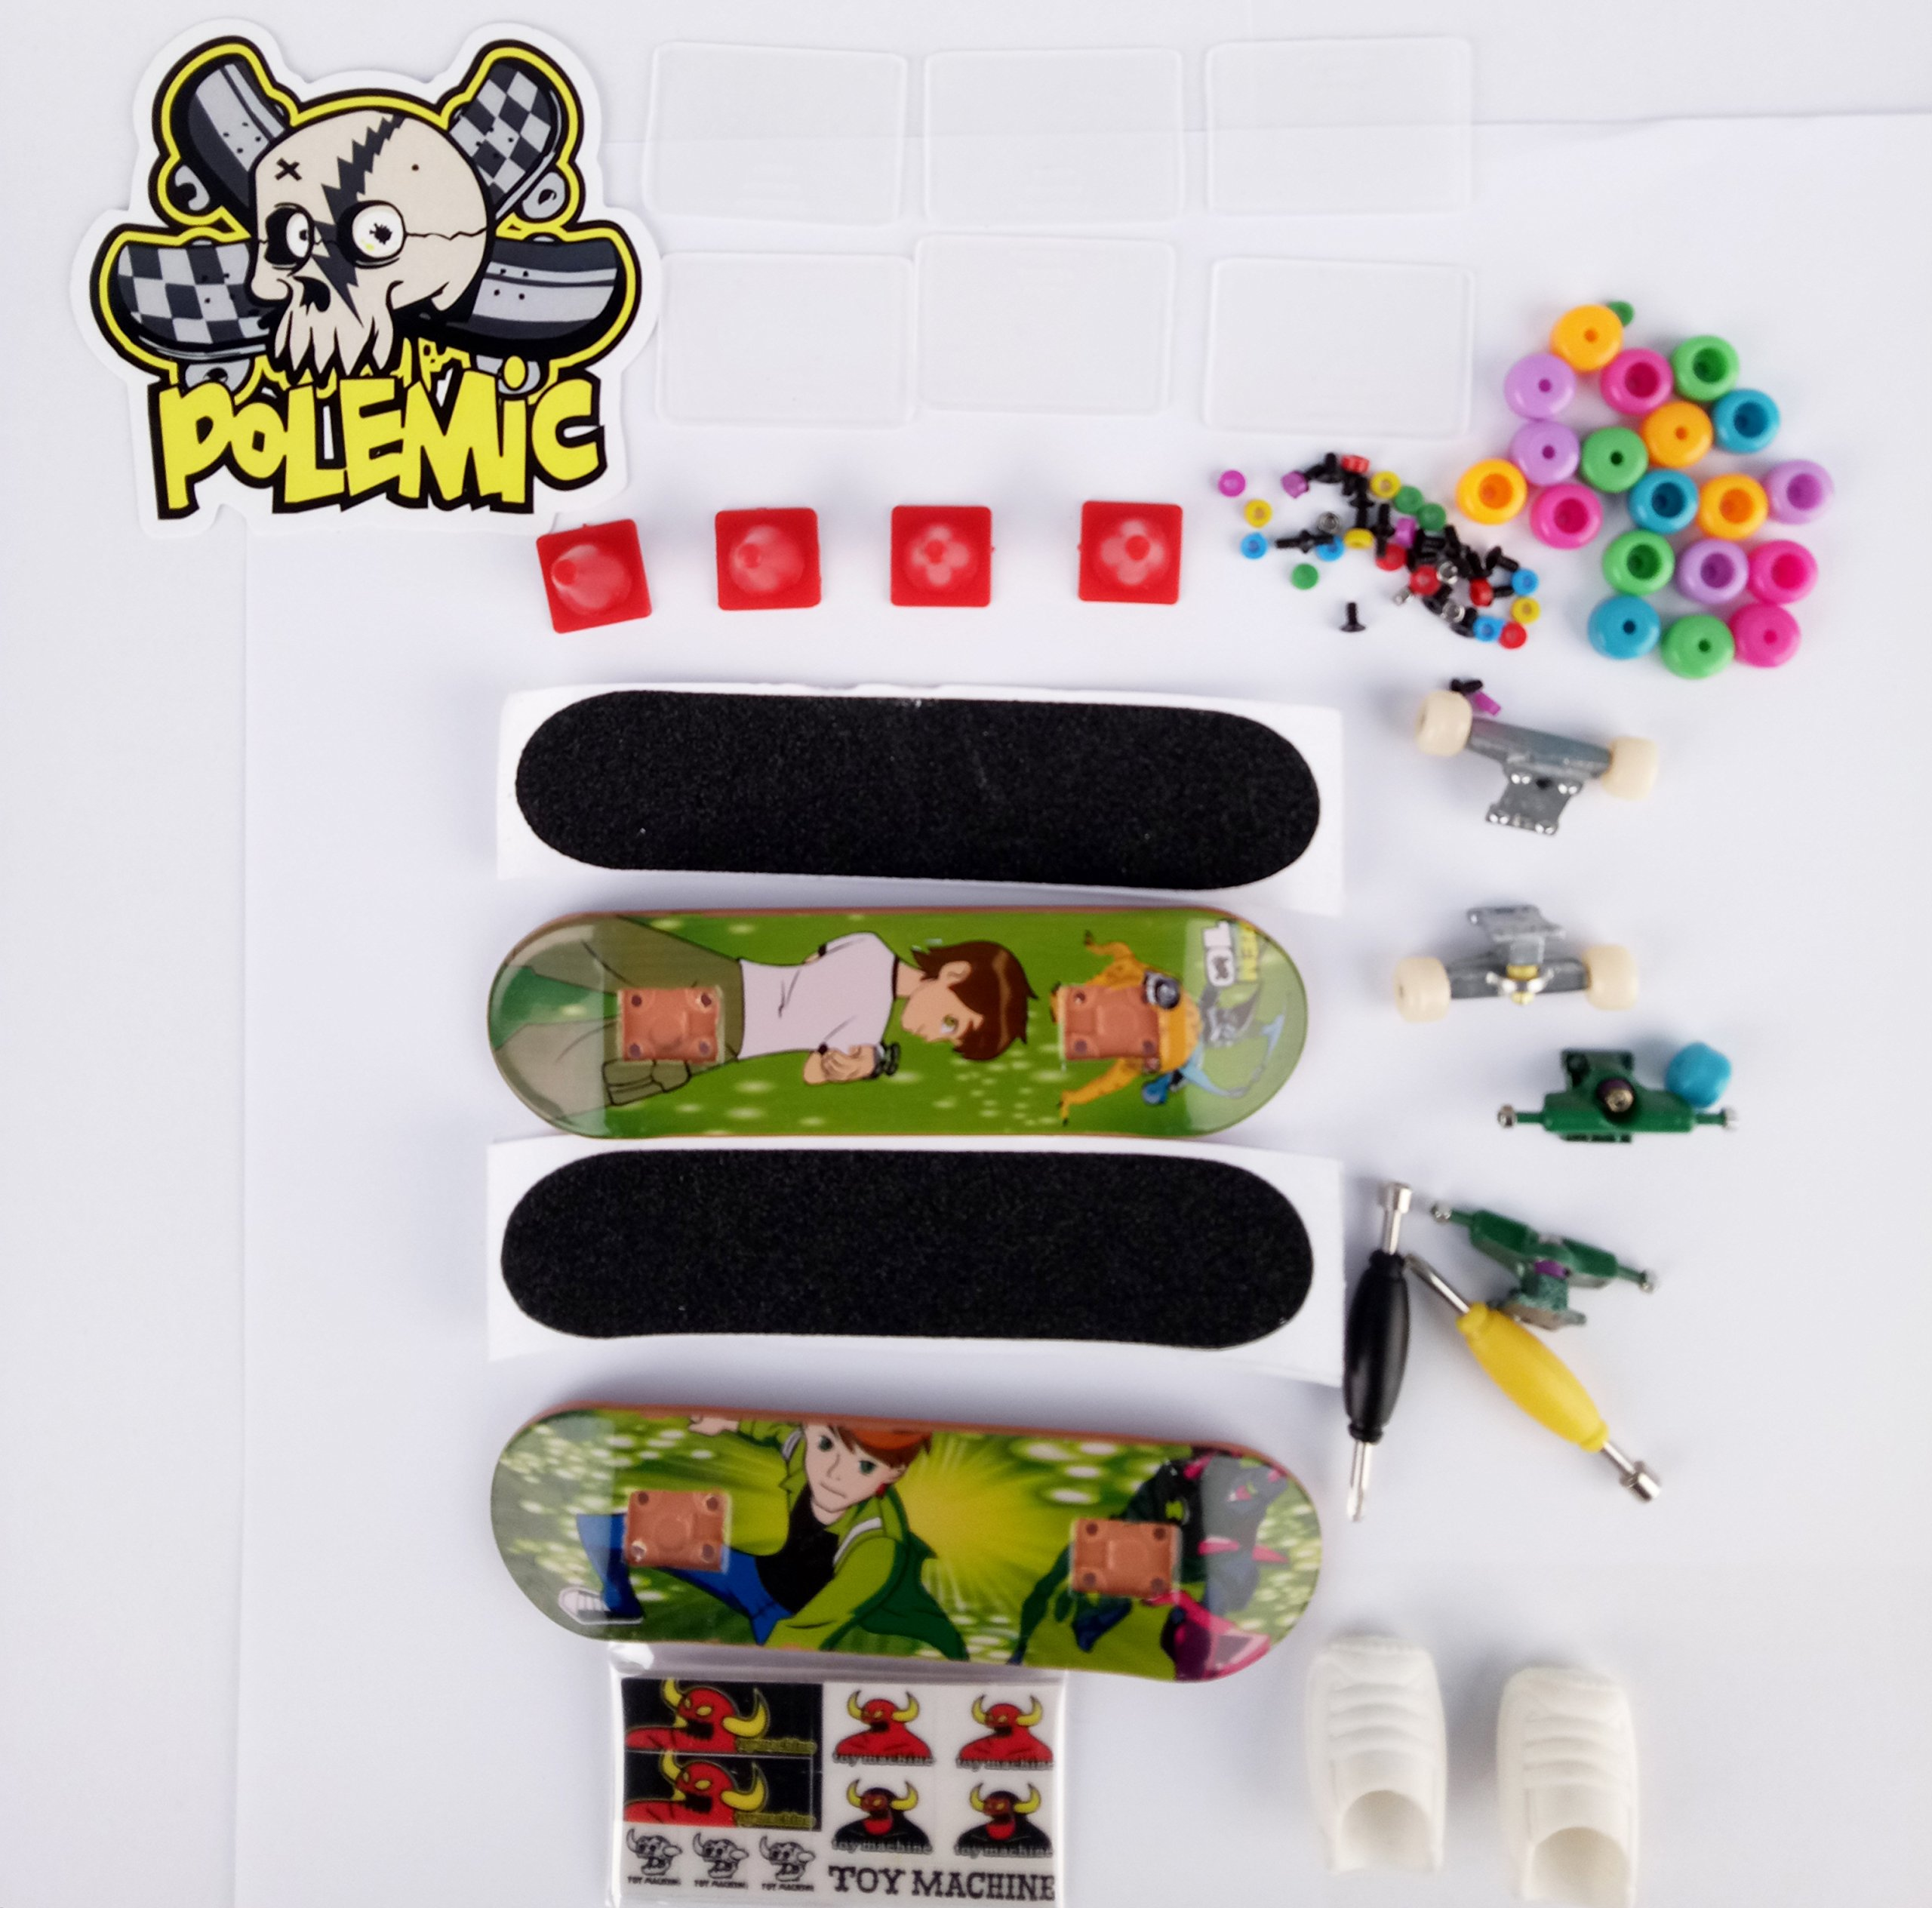 Fanci ABS Finger Skateboard Set Double Rocker DIY Mini Finger Boarding Toy with Storage Box by Fanci (Image #8)